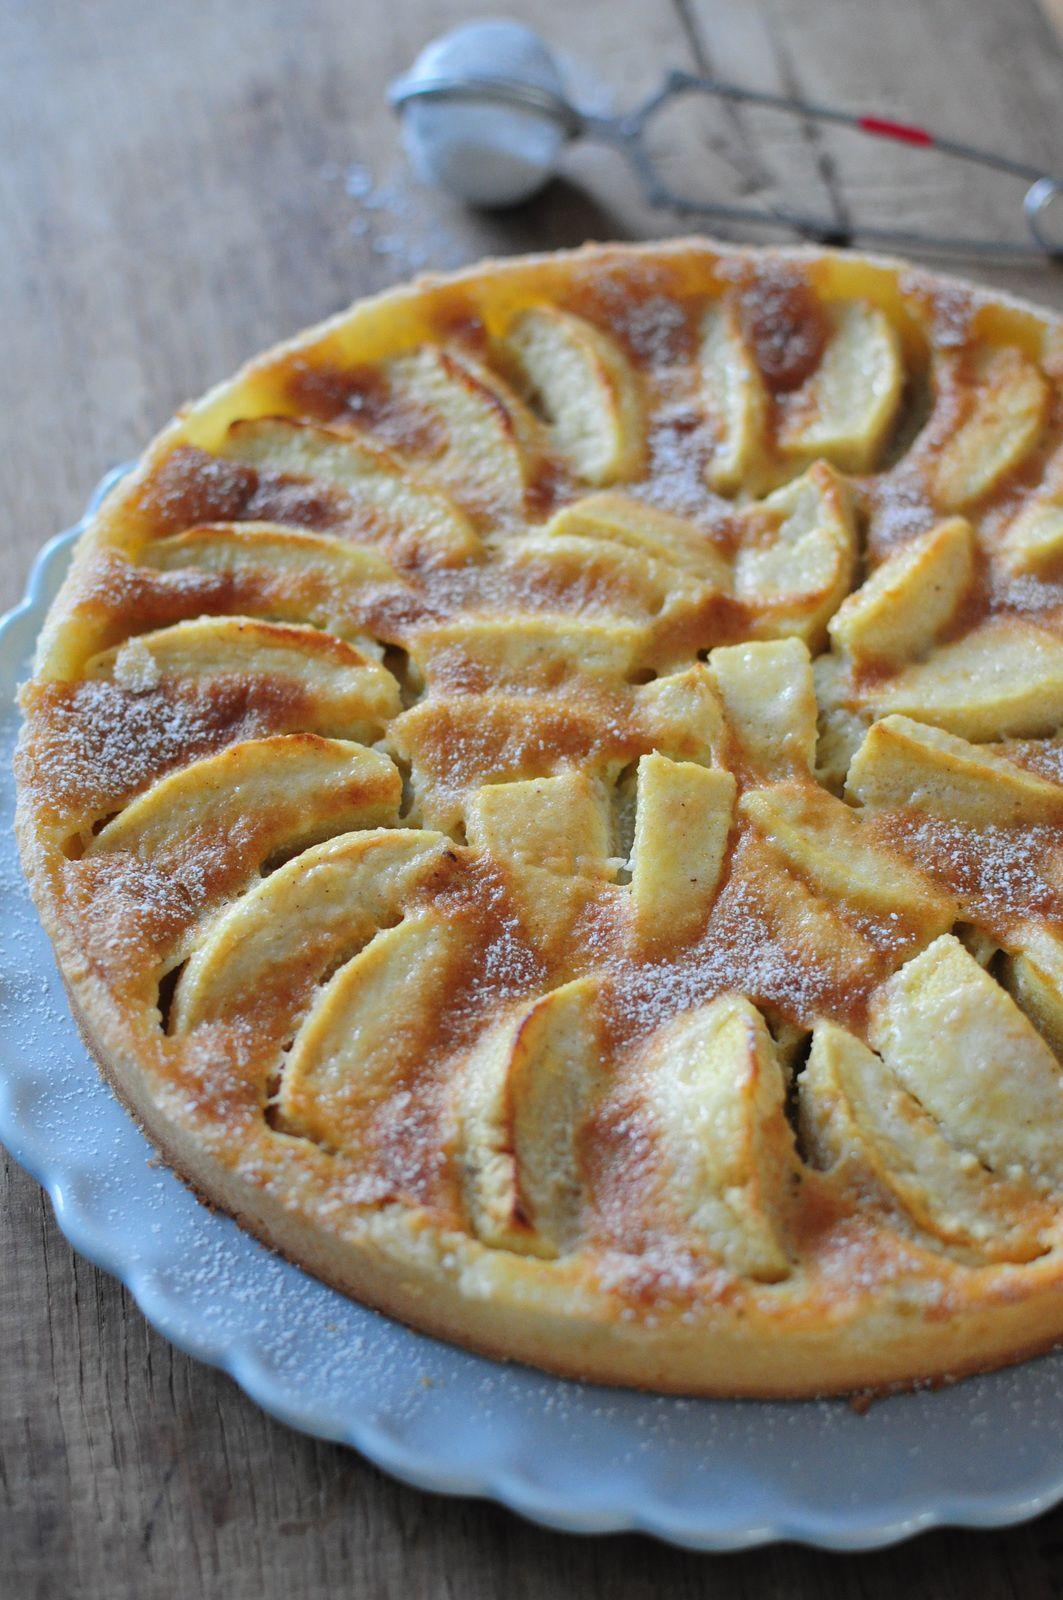 Tarte normande aux pommes blog de cuisine cr ative recettes popotte de manue tartes - Recette tarte au pomme normande ...